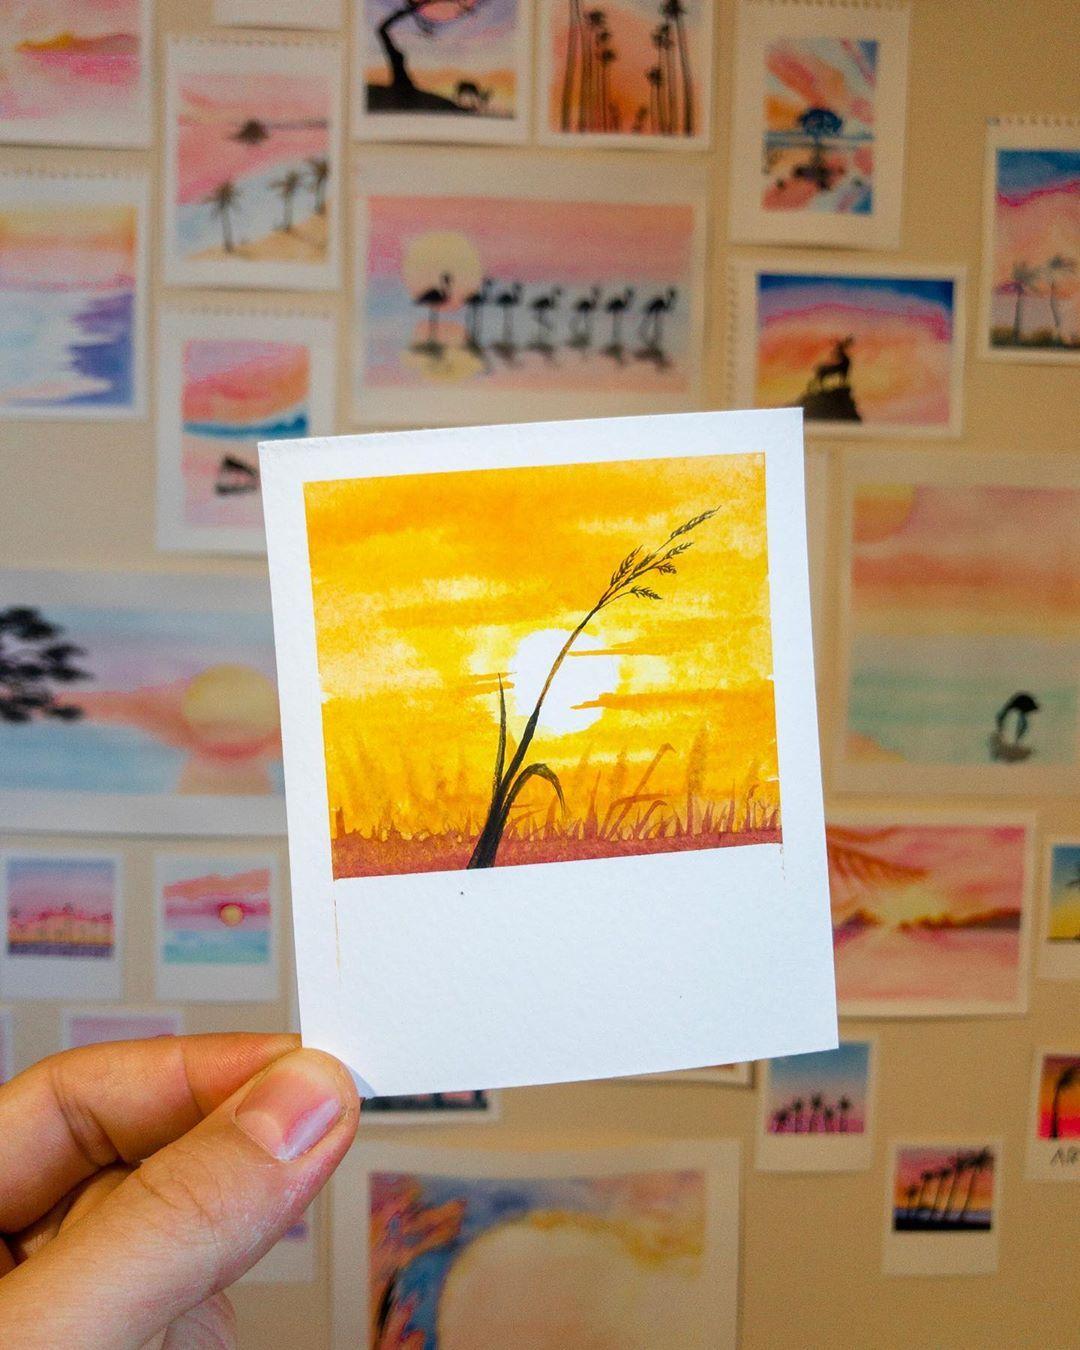 Robert Talbot On Instagram Paintbrush Polaroids 20 9 19 3 5x4